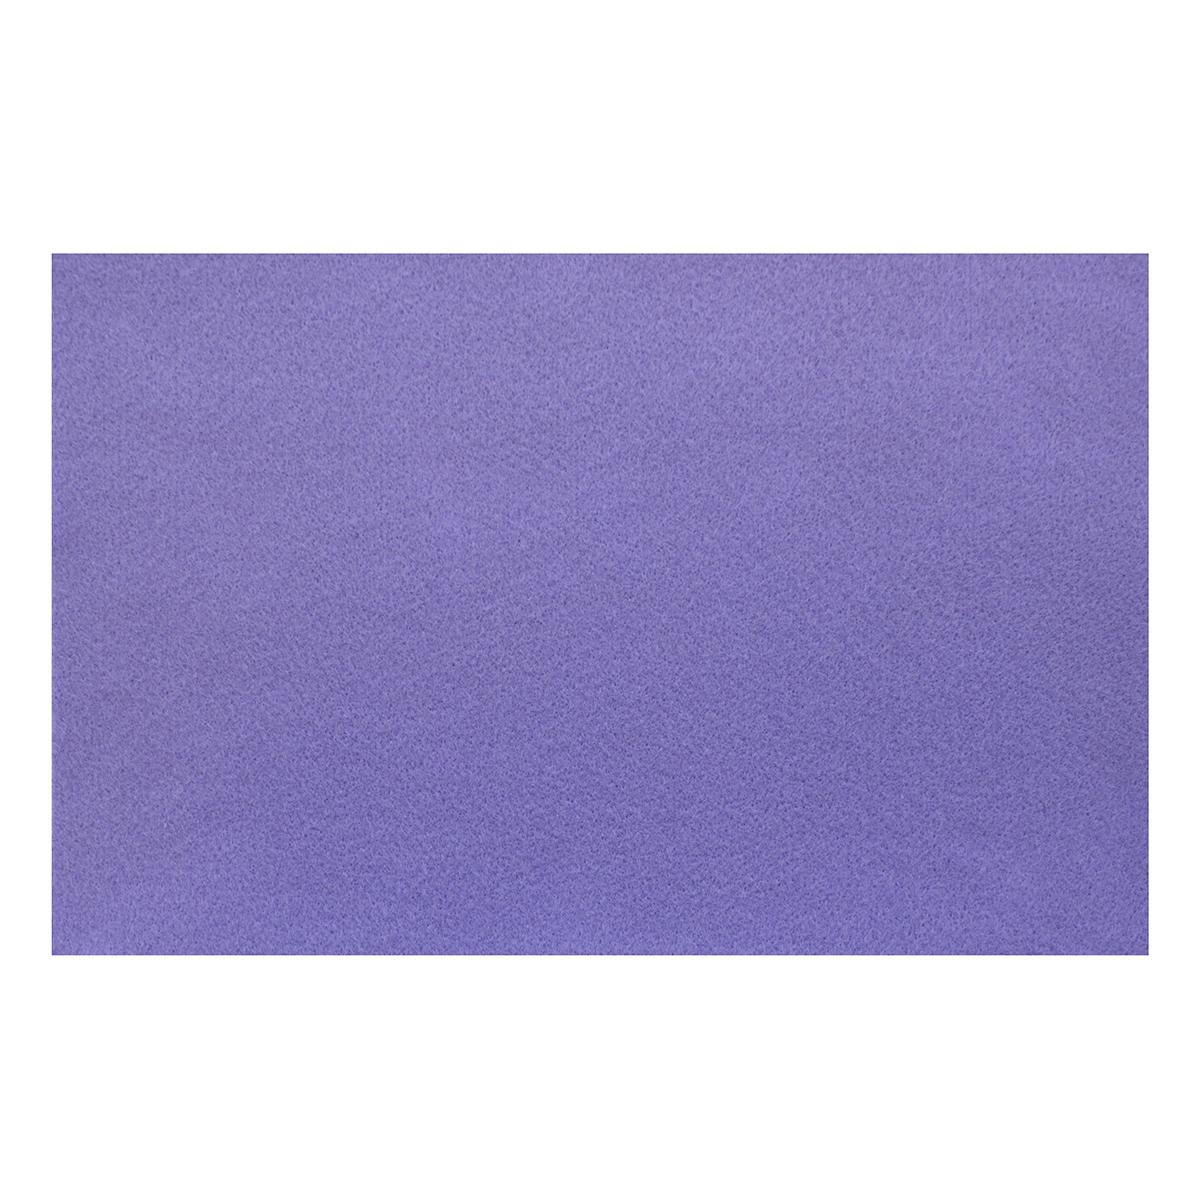 Фетр для творчества Glorex, цвет: лиловый, 20 x 30 см318727